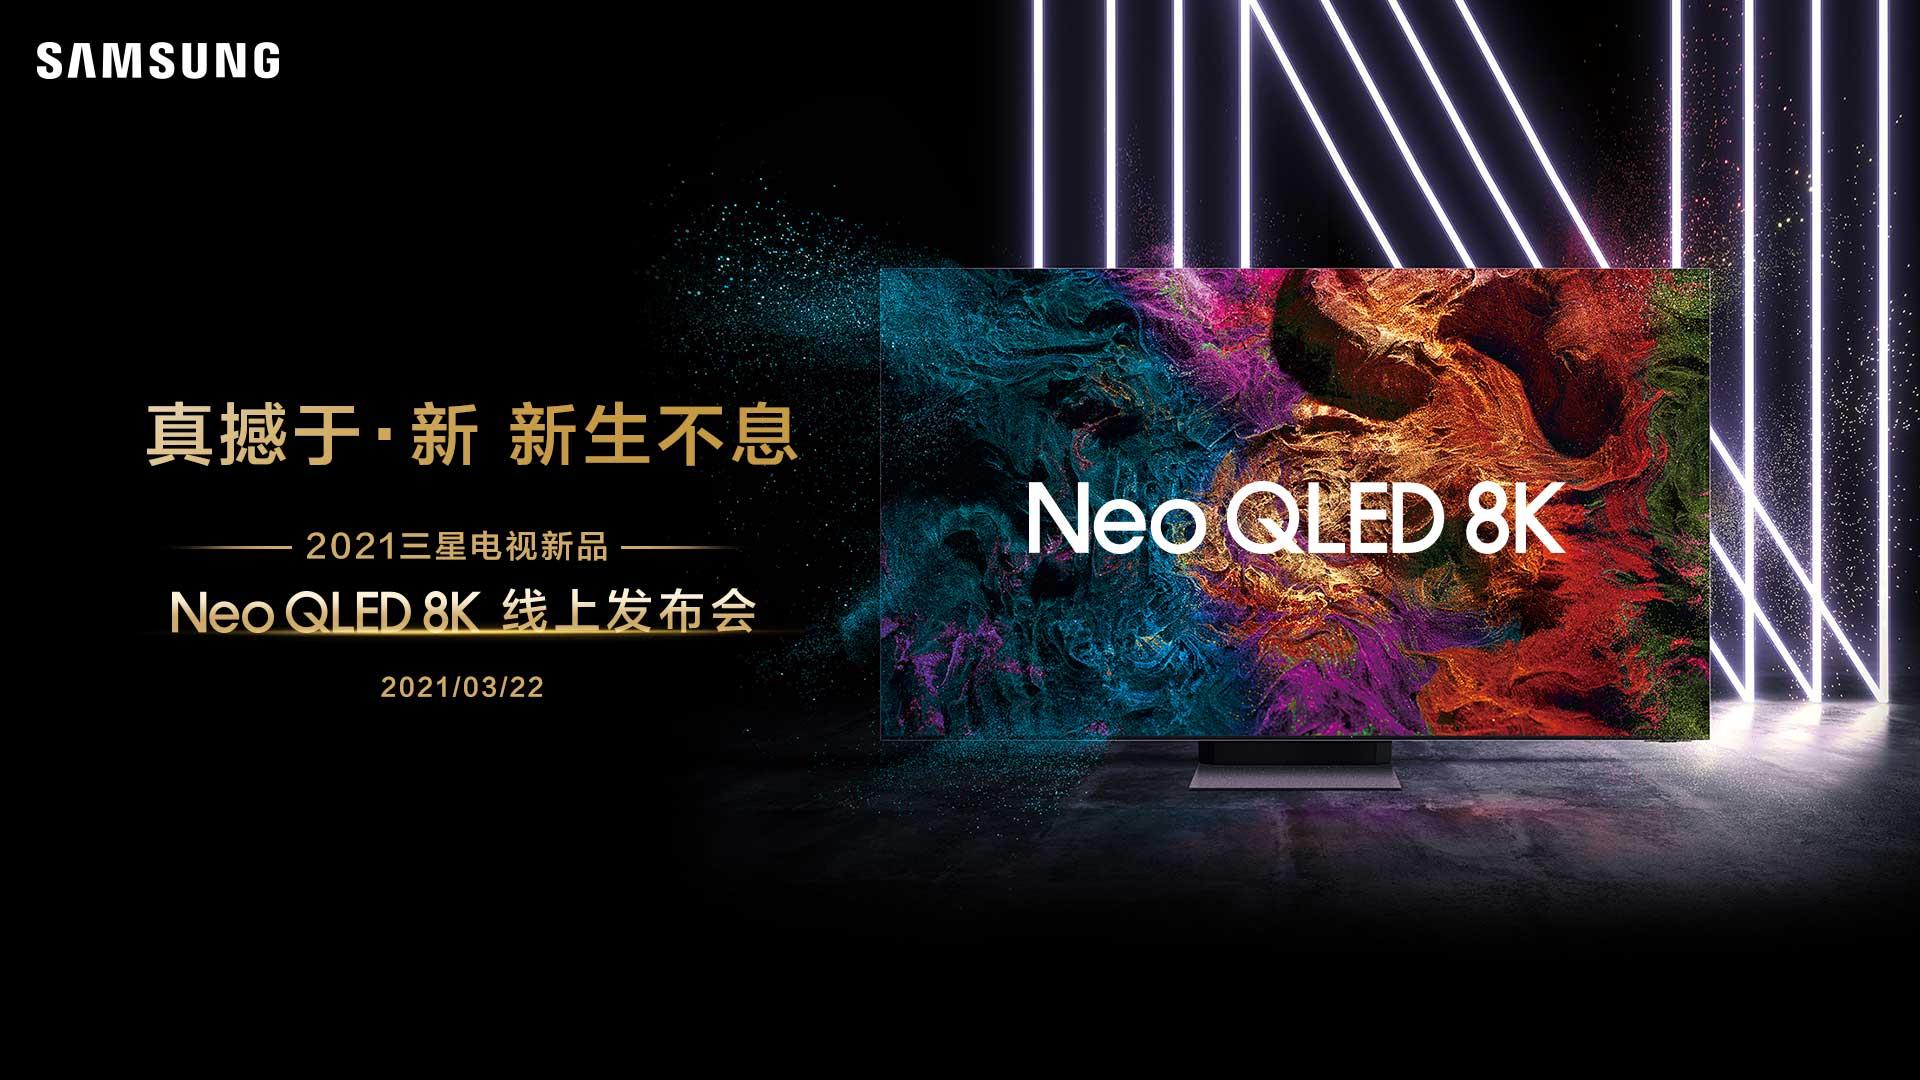 2021三星电视新品Neo QLED 8K线上发布会